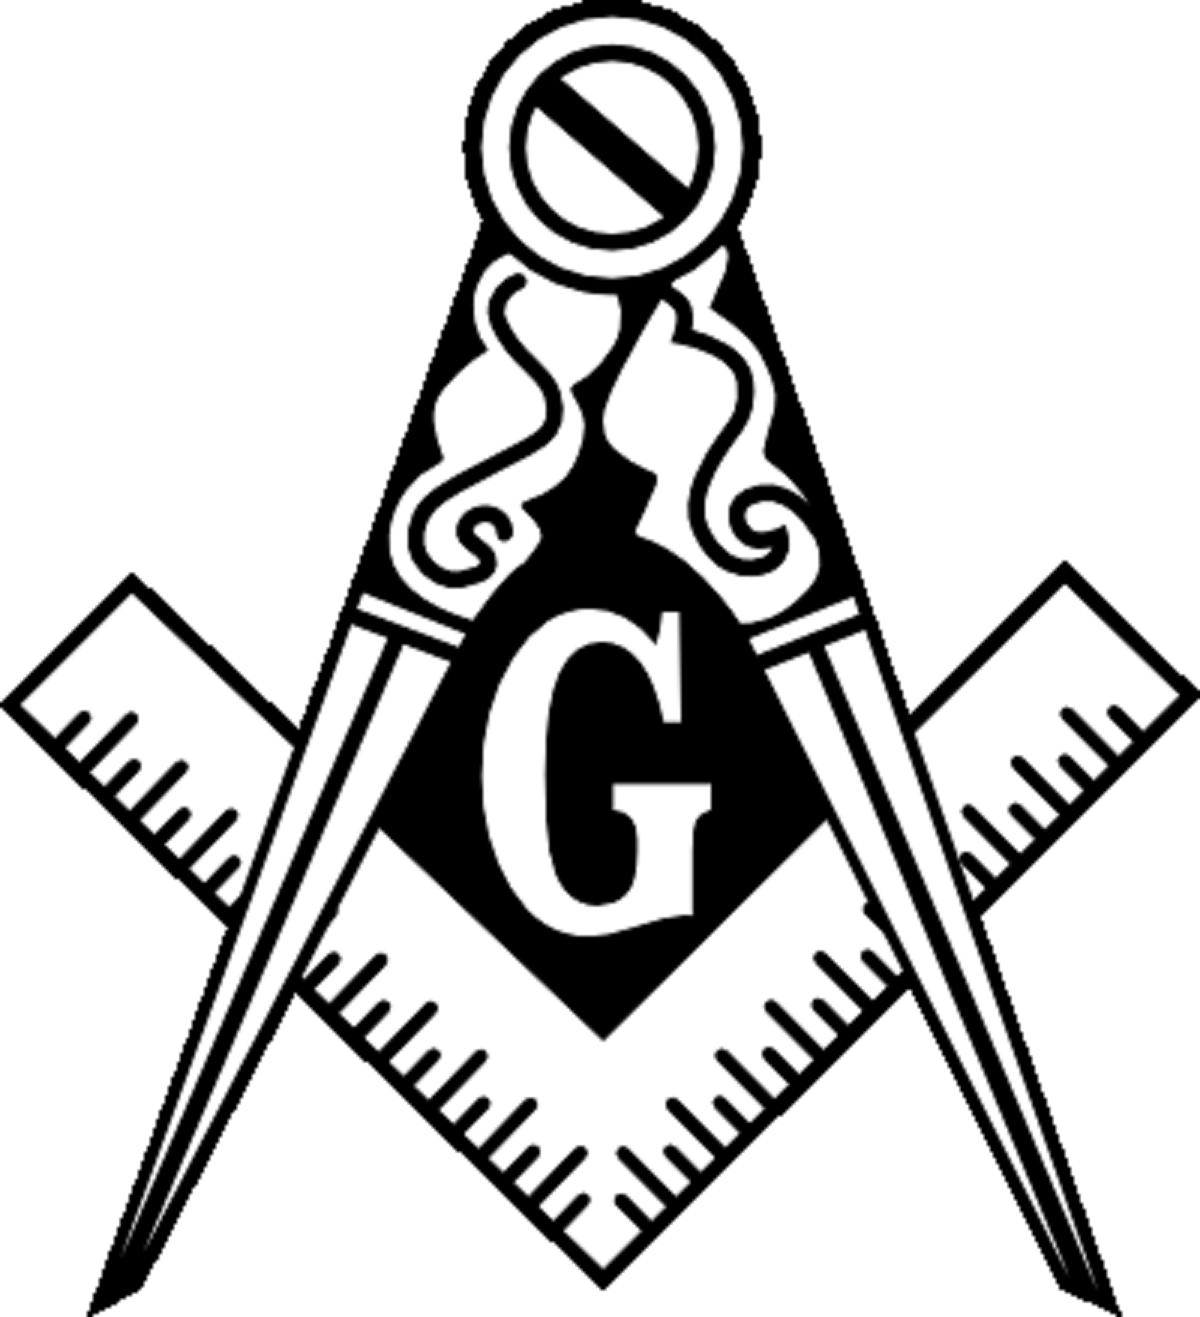 About Freemasonry Victory Lodge 1160